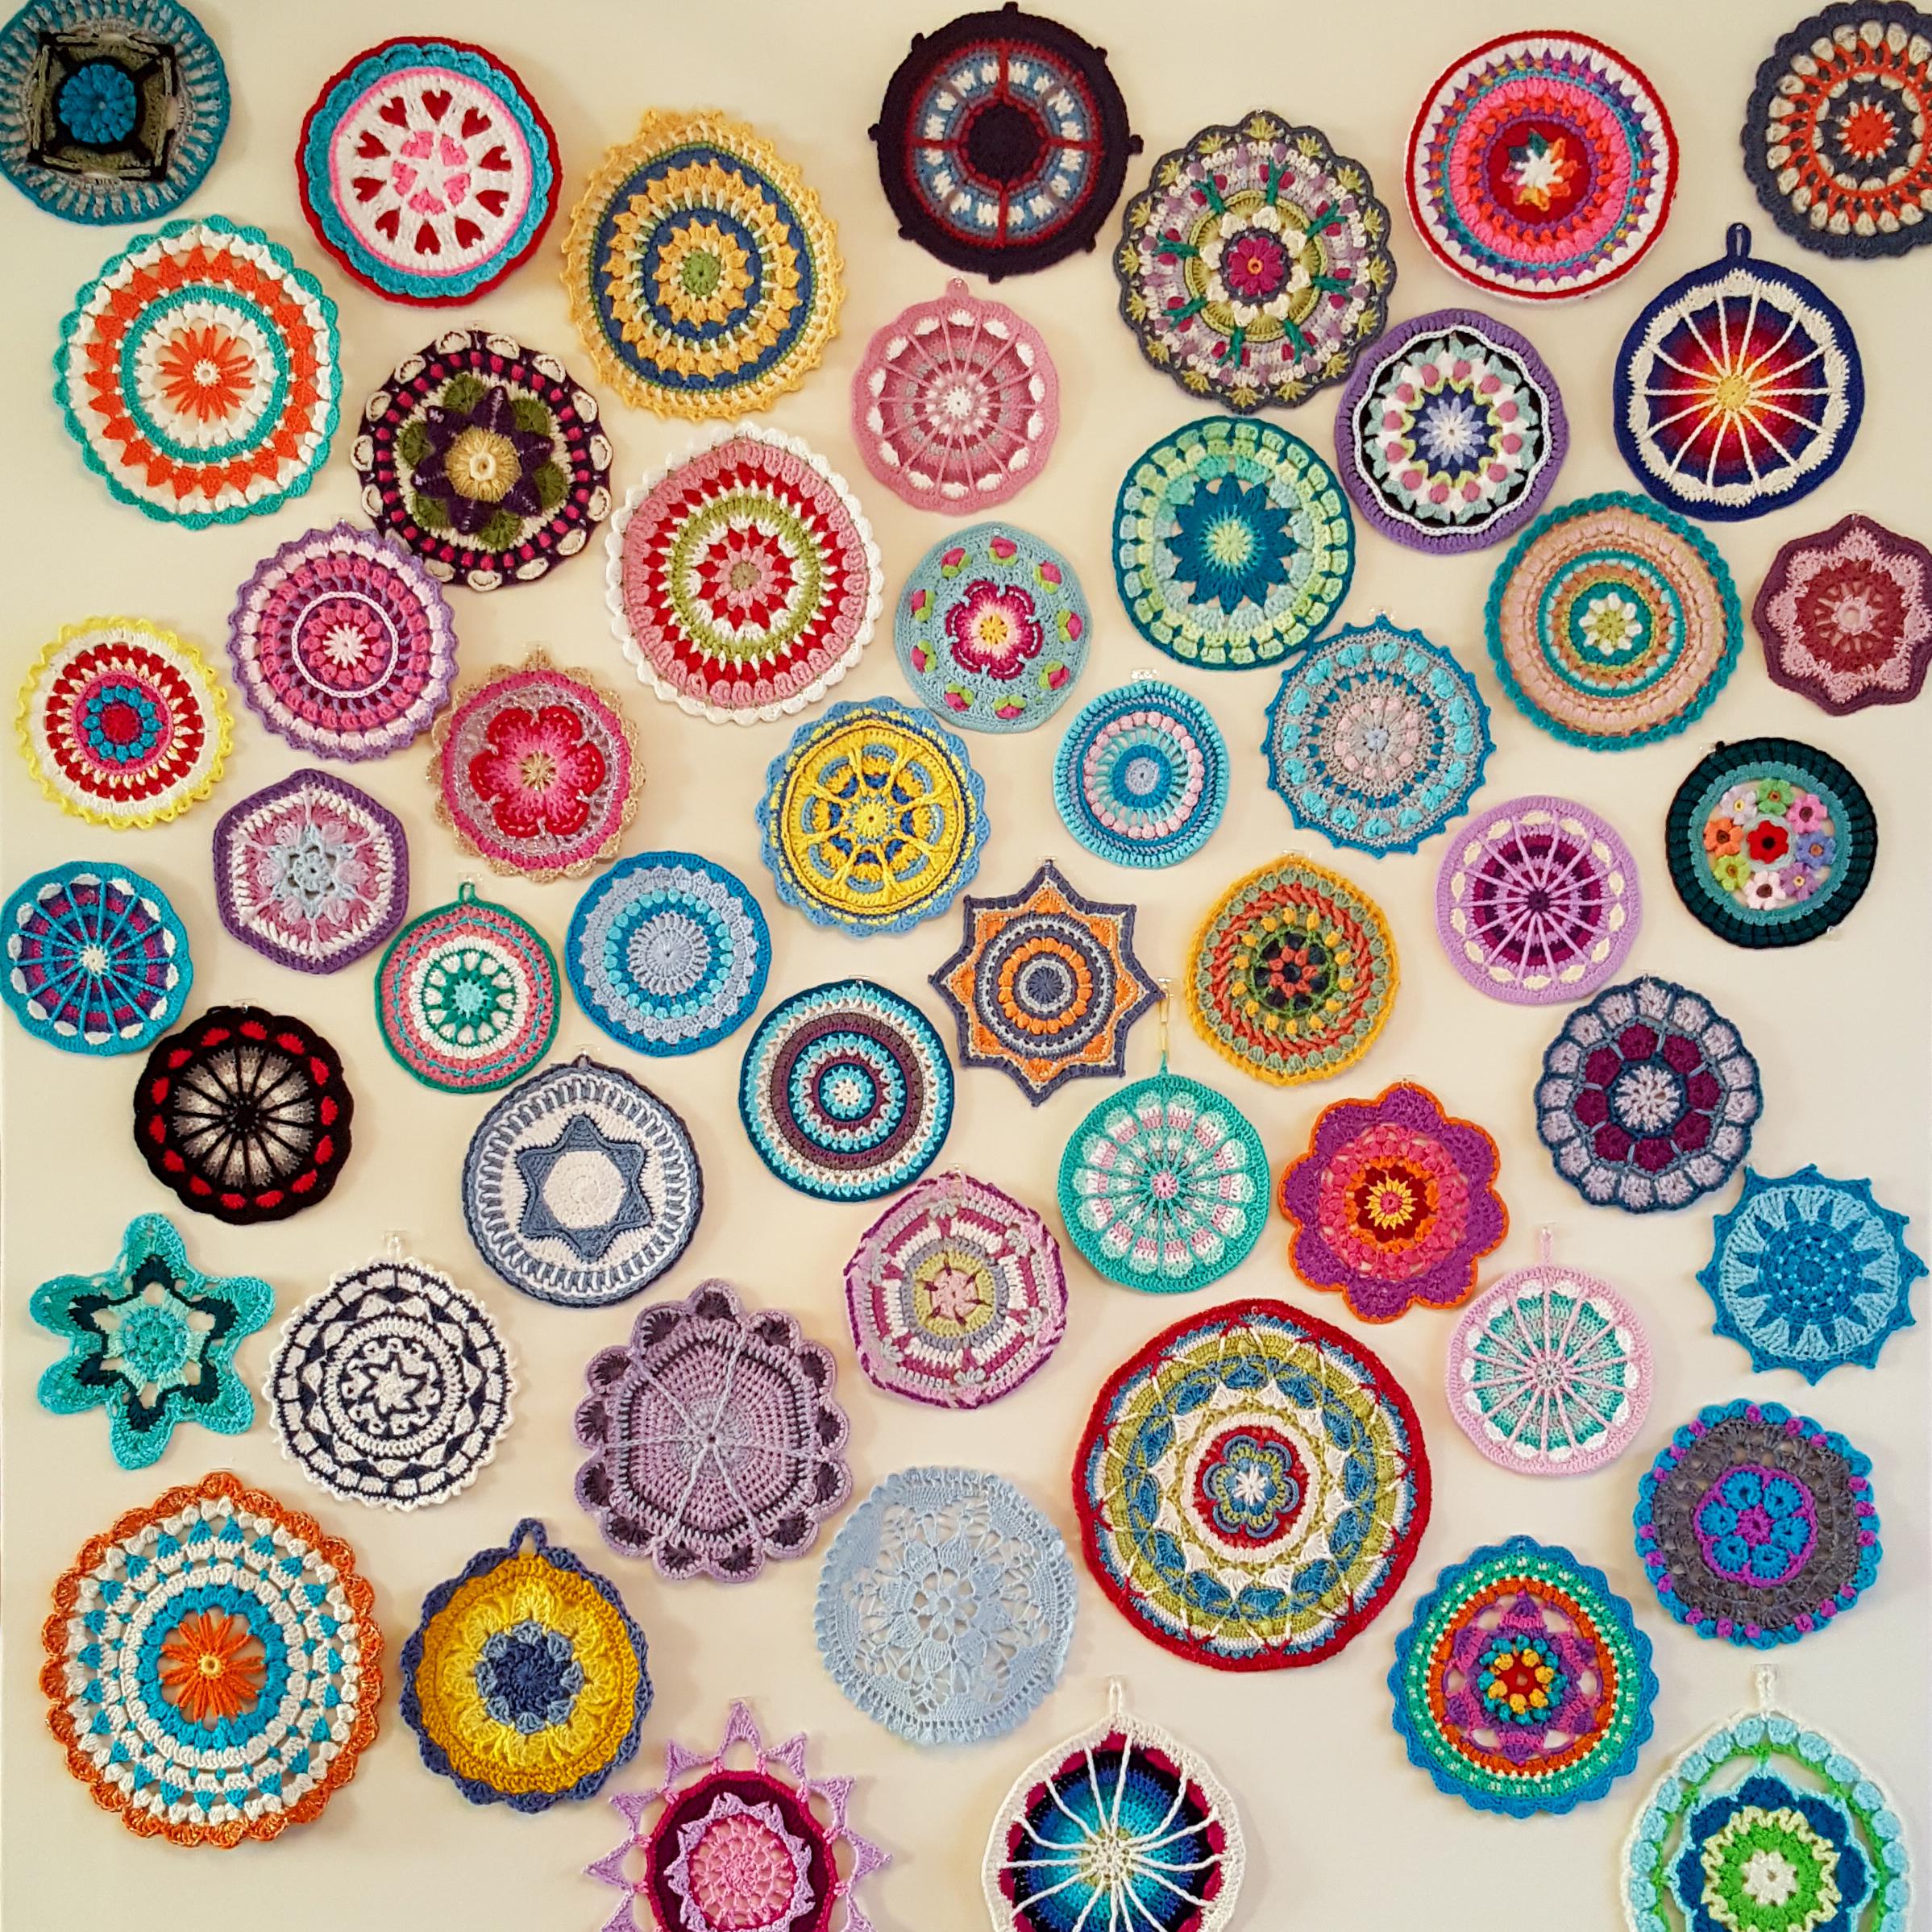 51 Glorious Mandalas On My Mandala Wall Look At What I Made